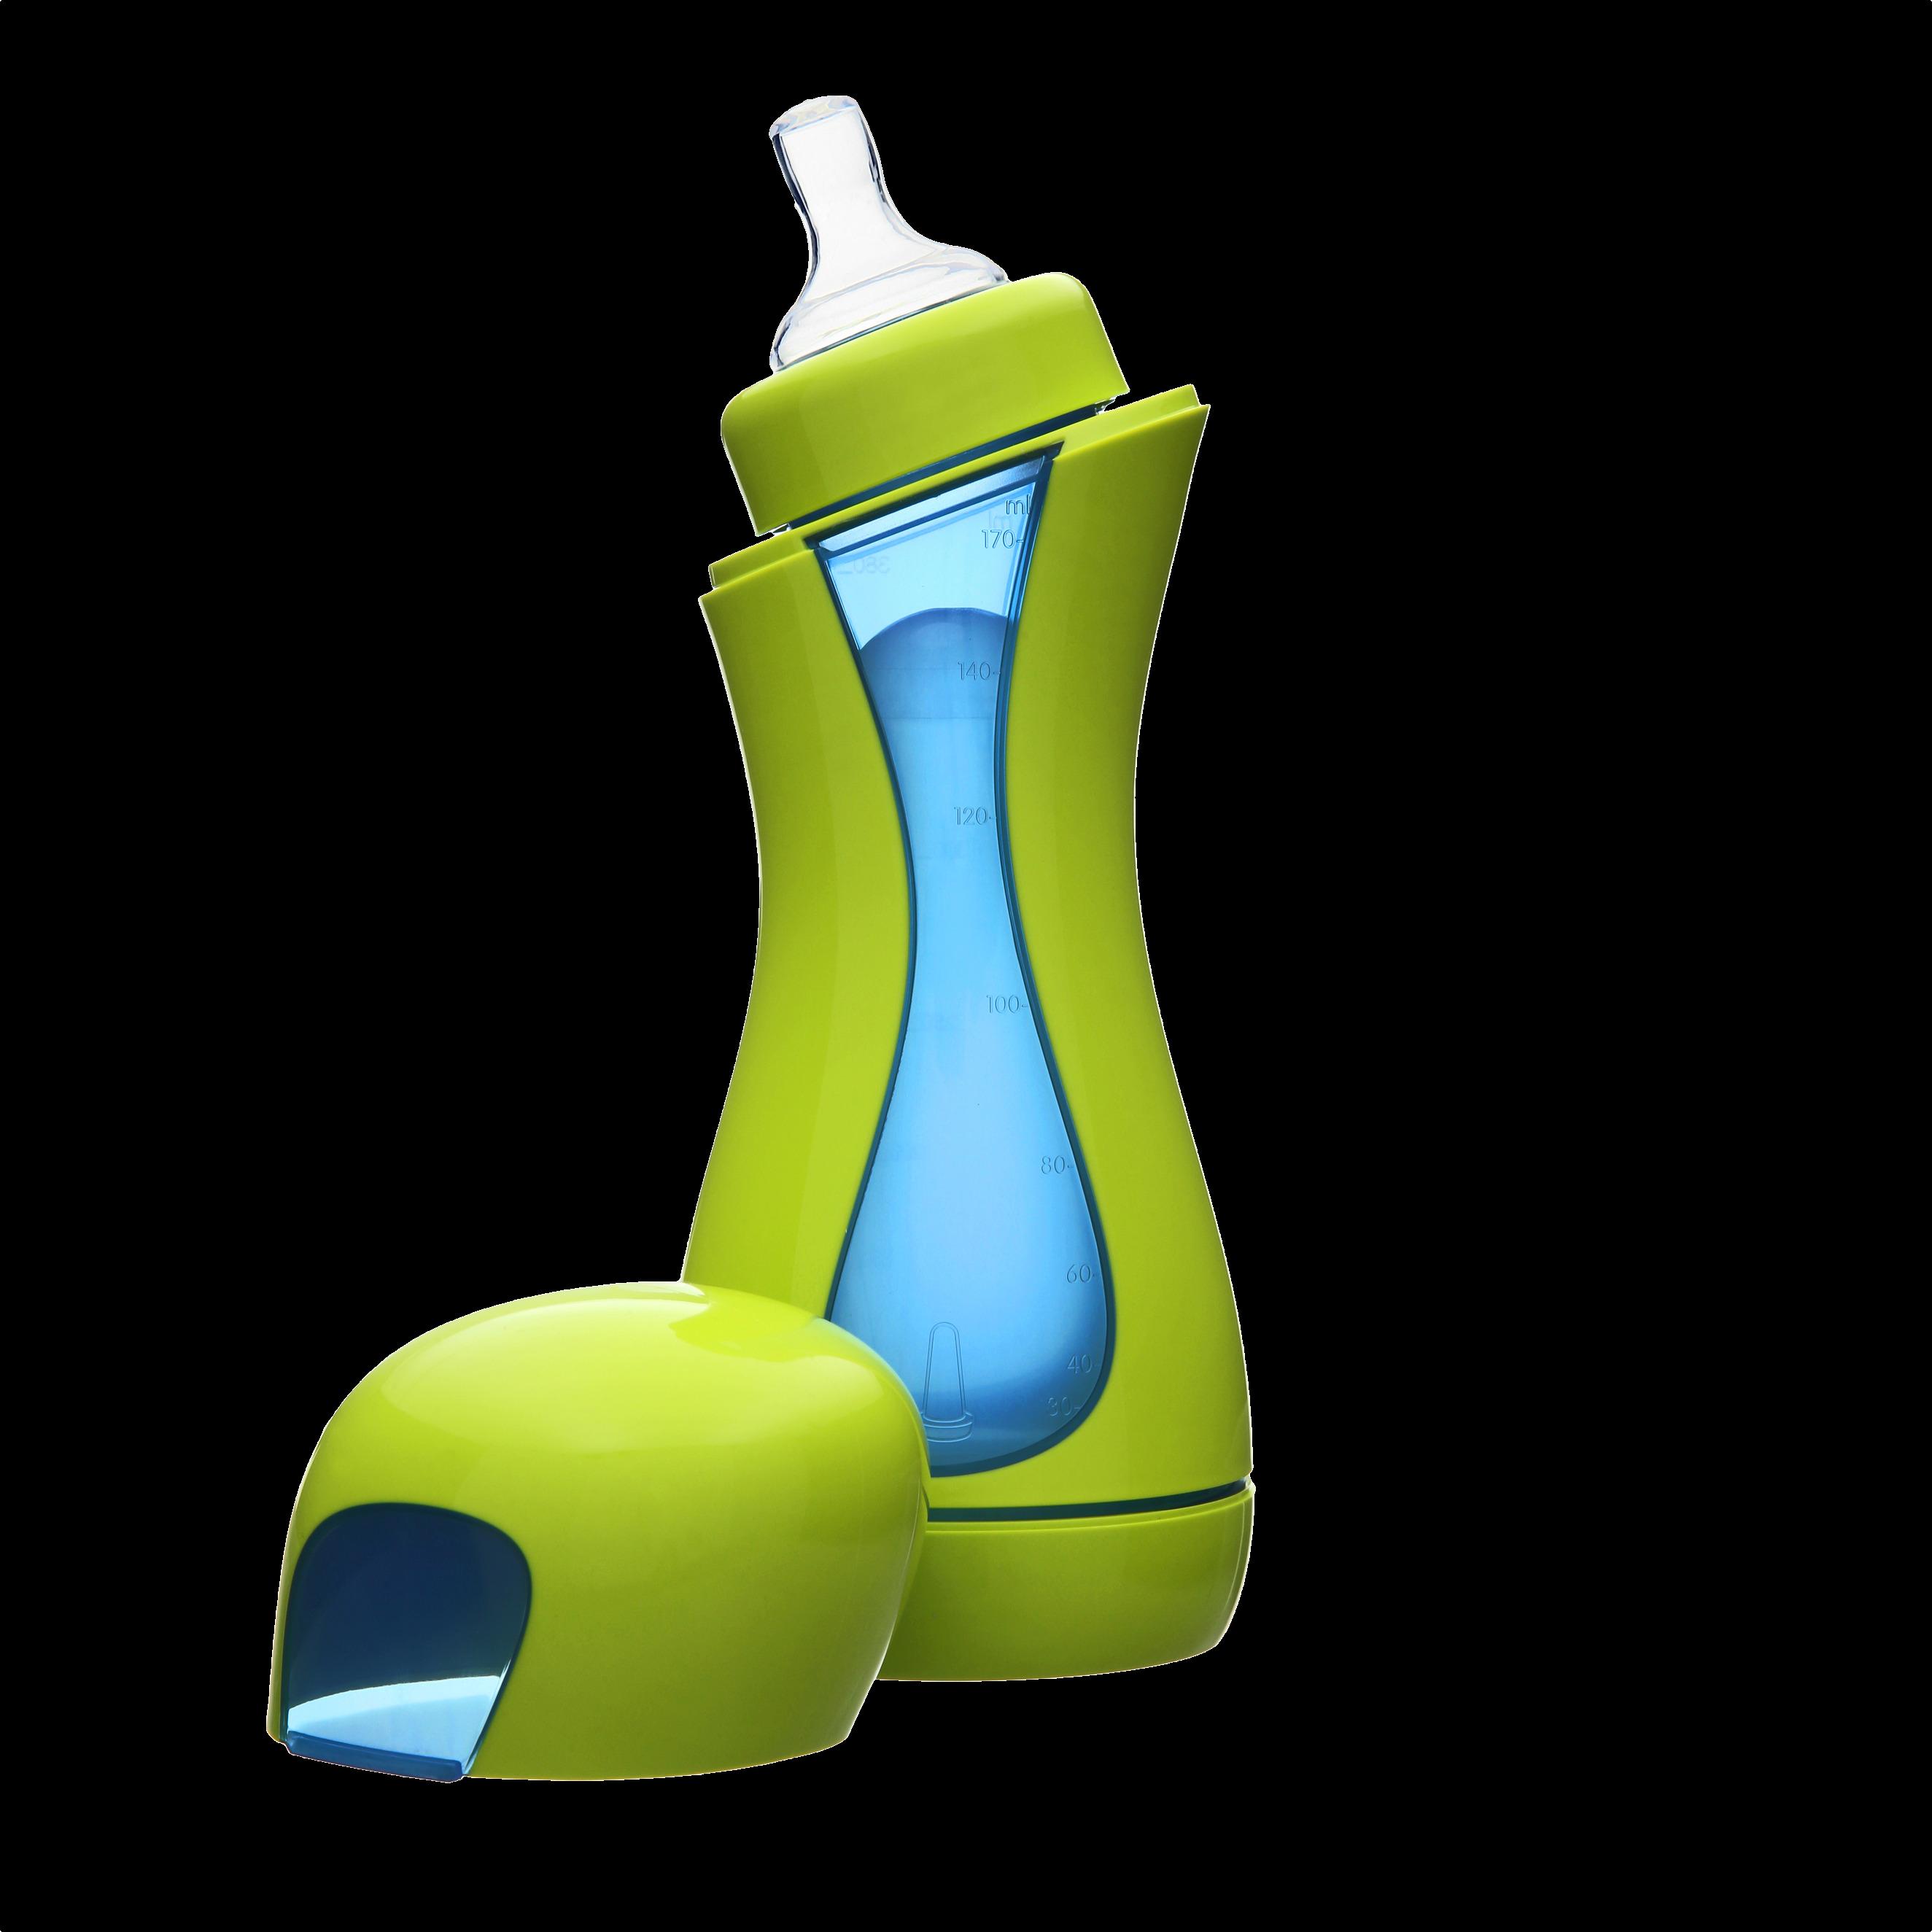 iiamo Go Self-heating Baby bottle (Green/Blue) baby   feeding   bottles